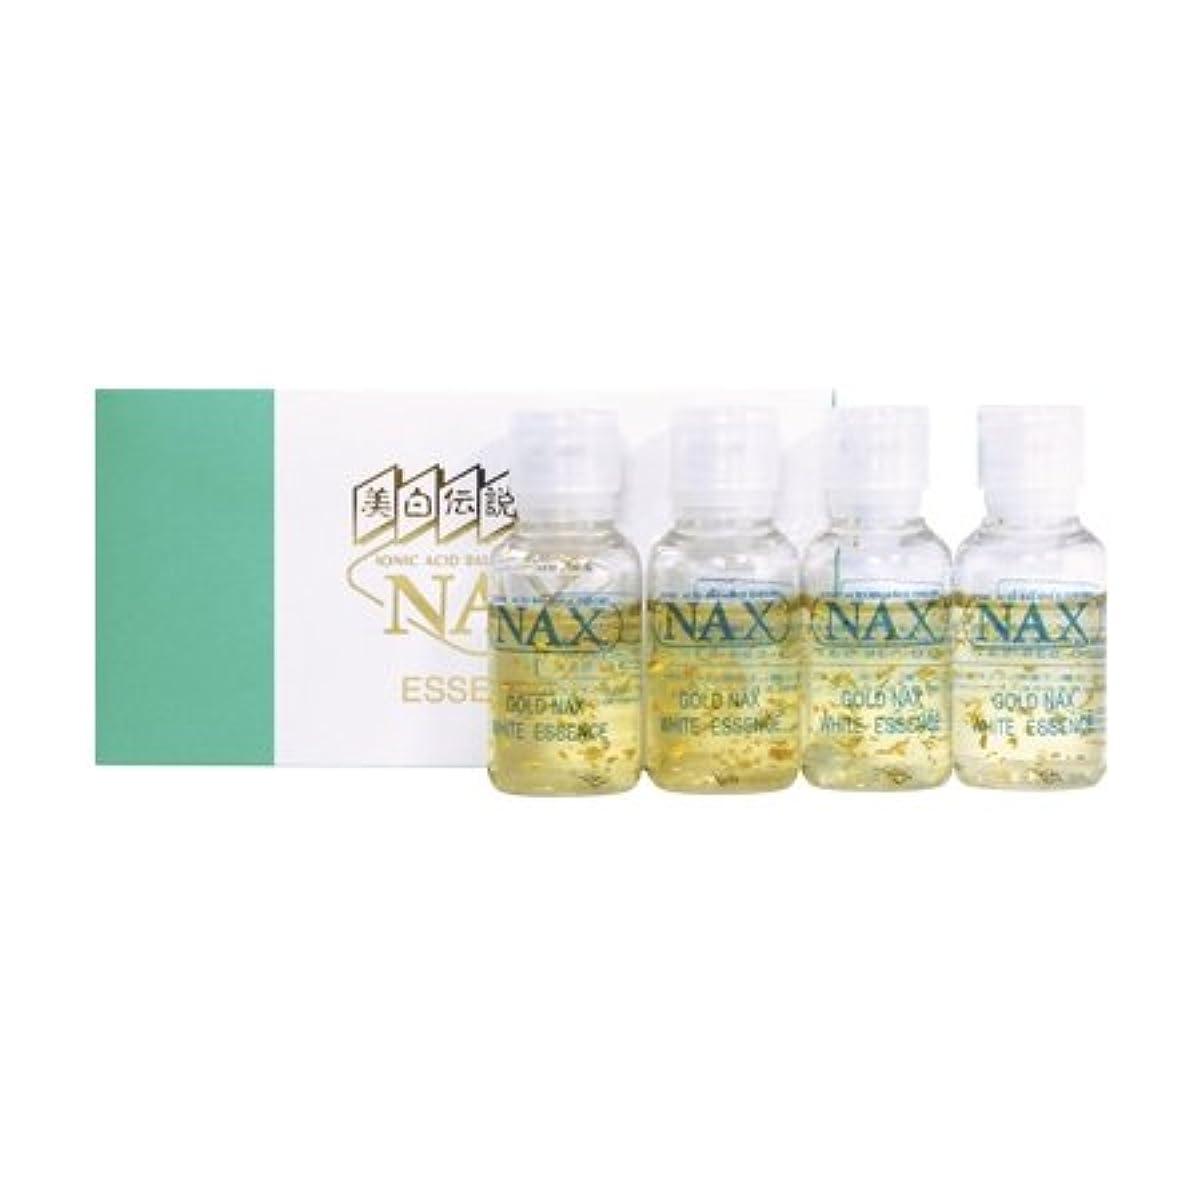 アウター契約したカポックゴールドコスメ NAX ホワイトエッセンス 美容液 超敏感肌用 12.5ml×4本